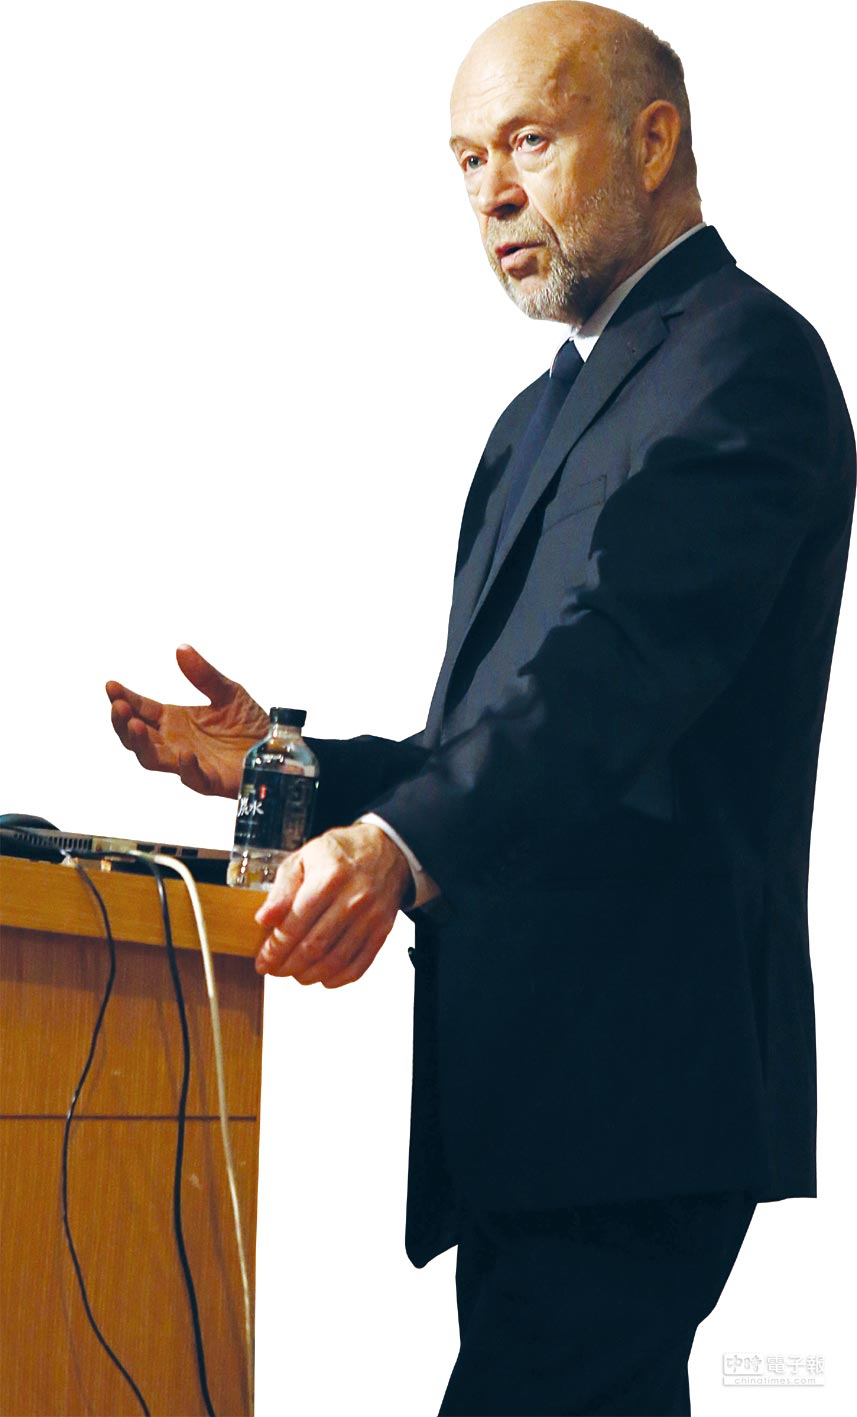 第3屆唐獎永續發展獎得獎人詹姆士‧漢森(James E. Hansen)。圖/姚志平